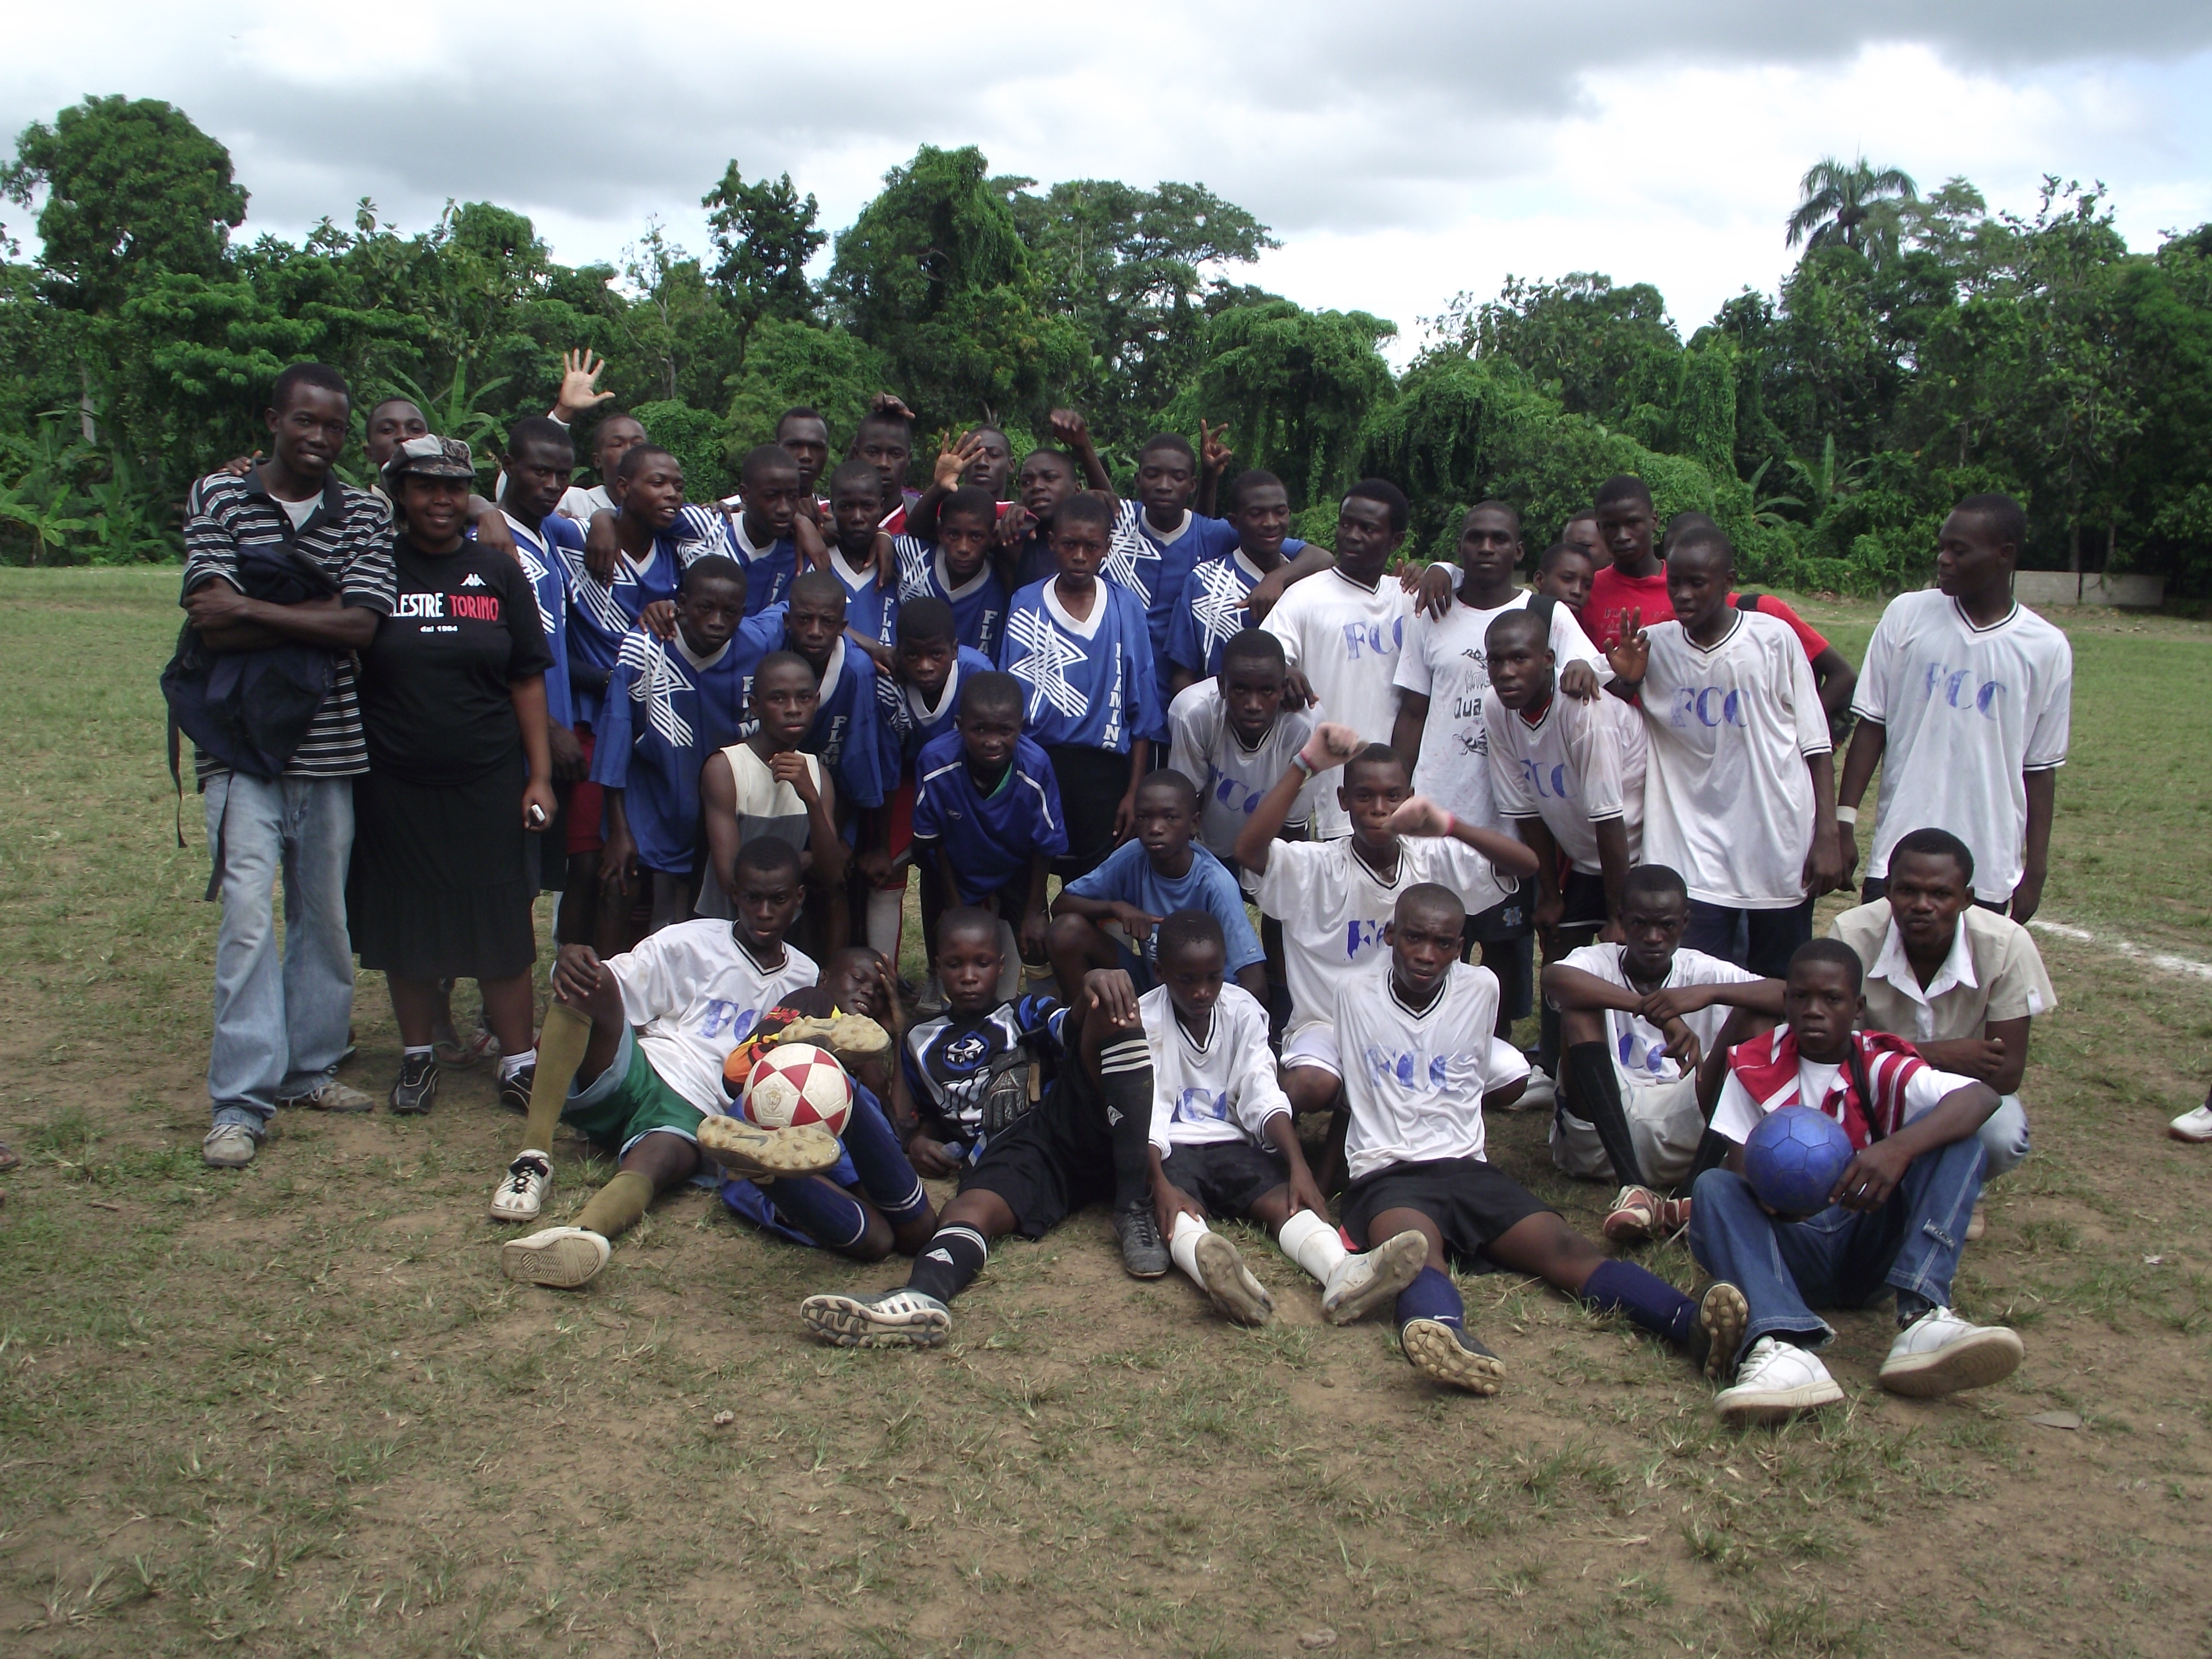 gedeon football club Haiti